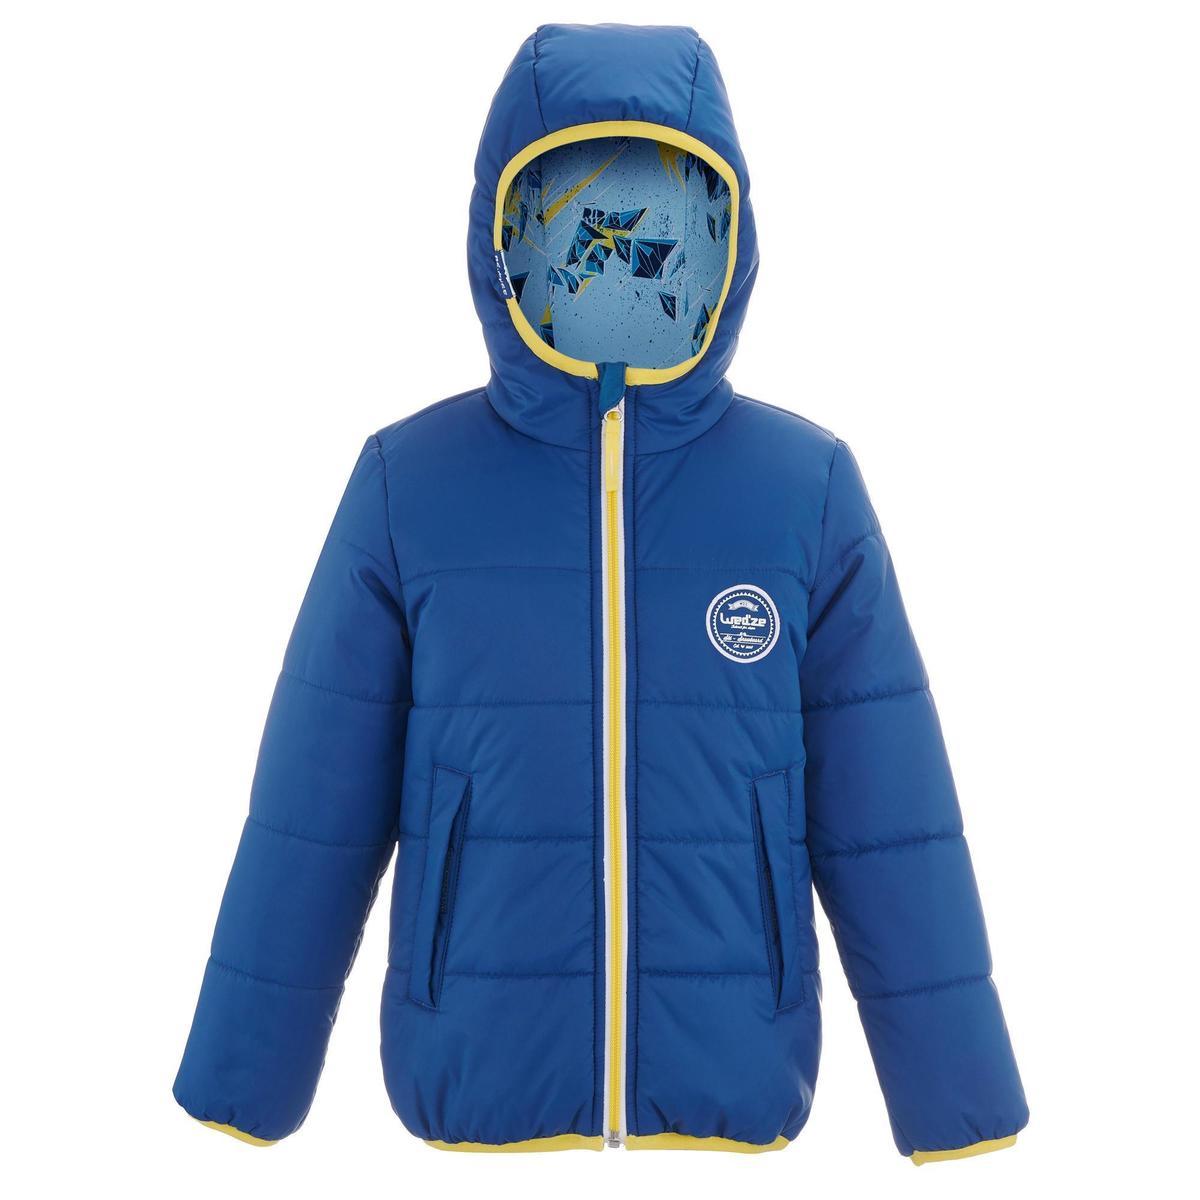 Bild 4 von Skijacke Piste100 warm wendbar Kleinkinder blau